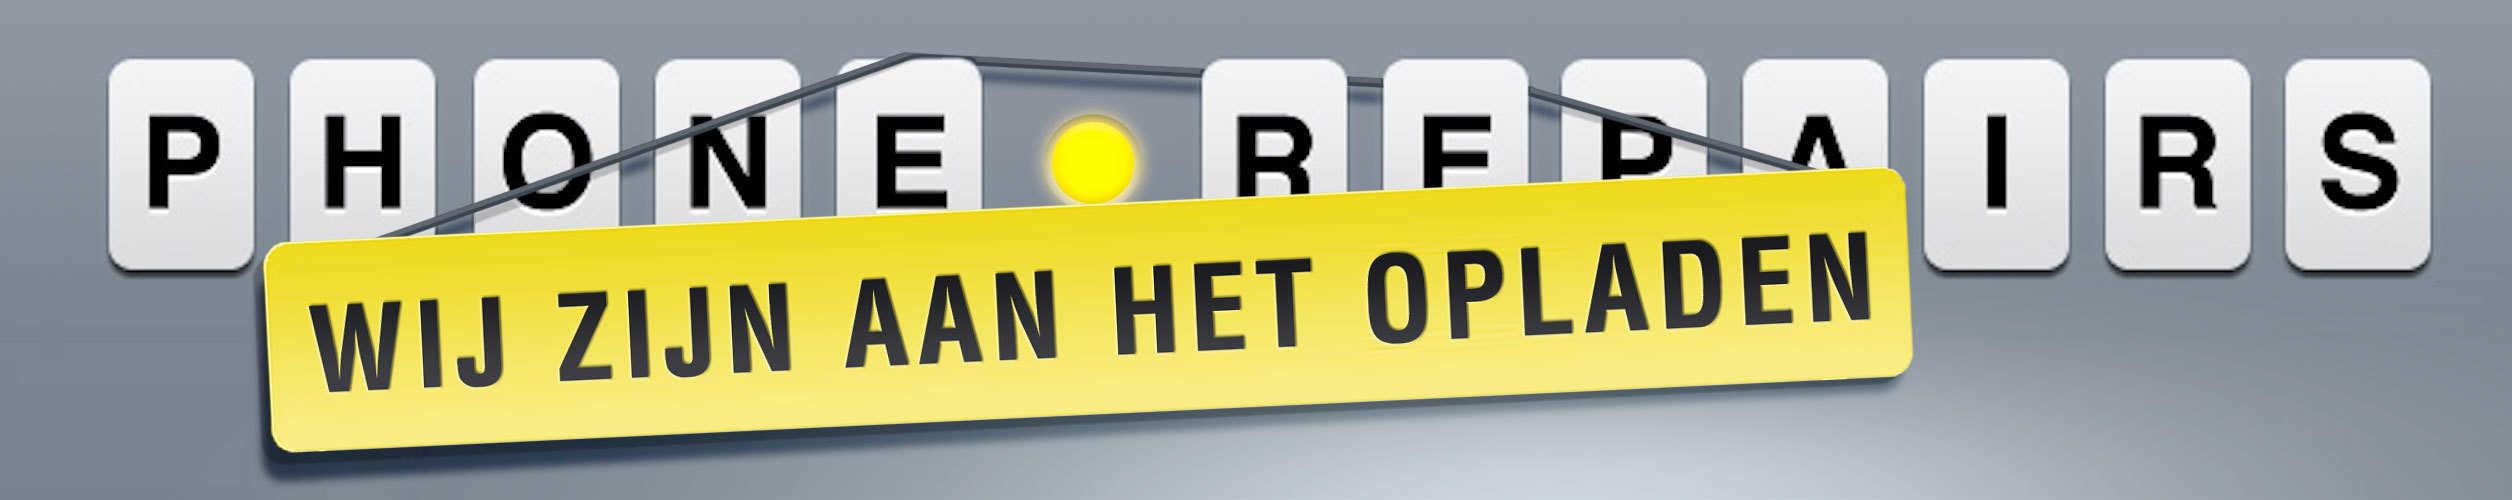 iPhone Repairs Den Bosch – Smartphone en tablet reparatie Bel: 073-8220013